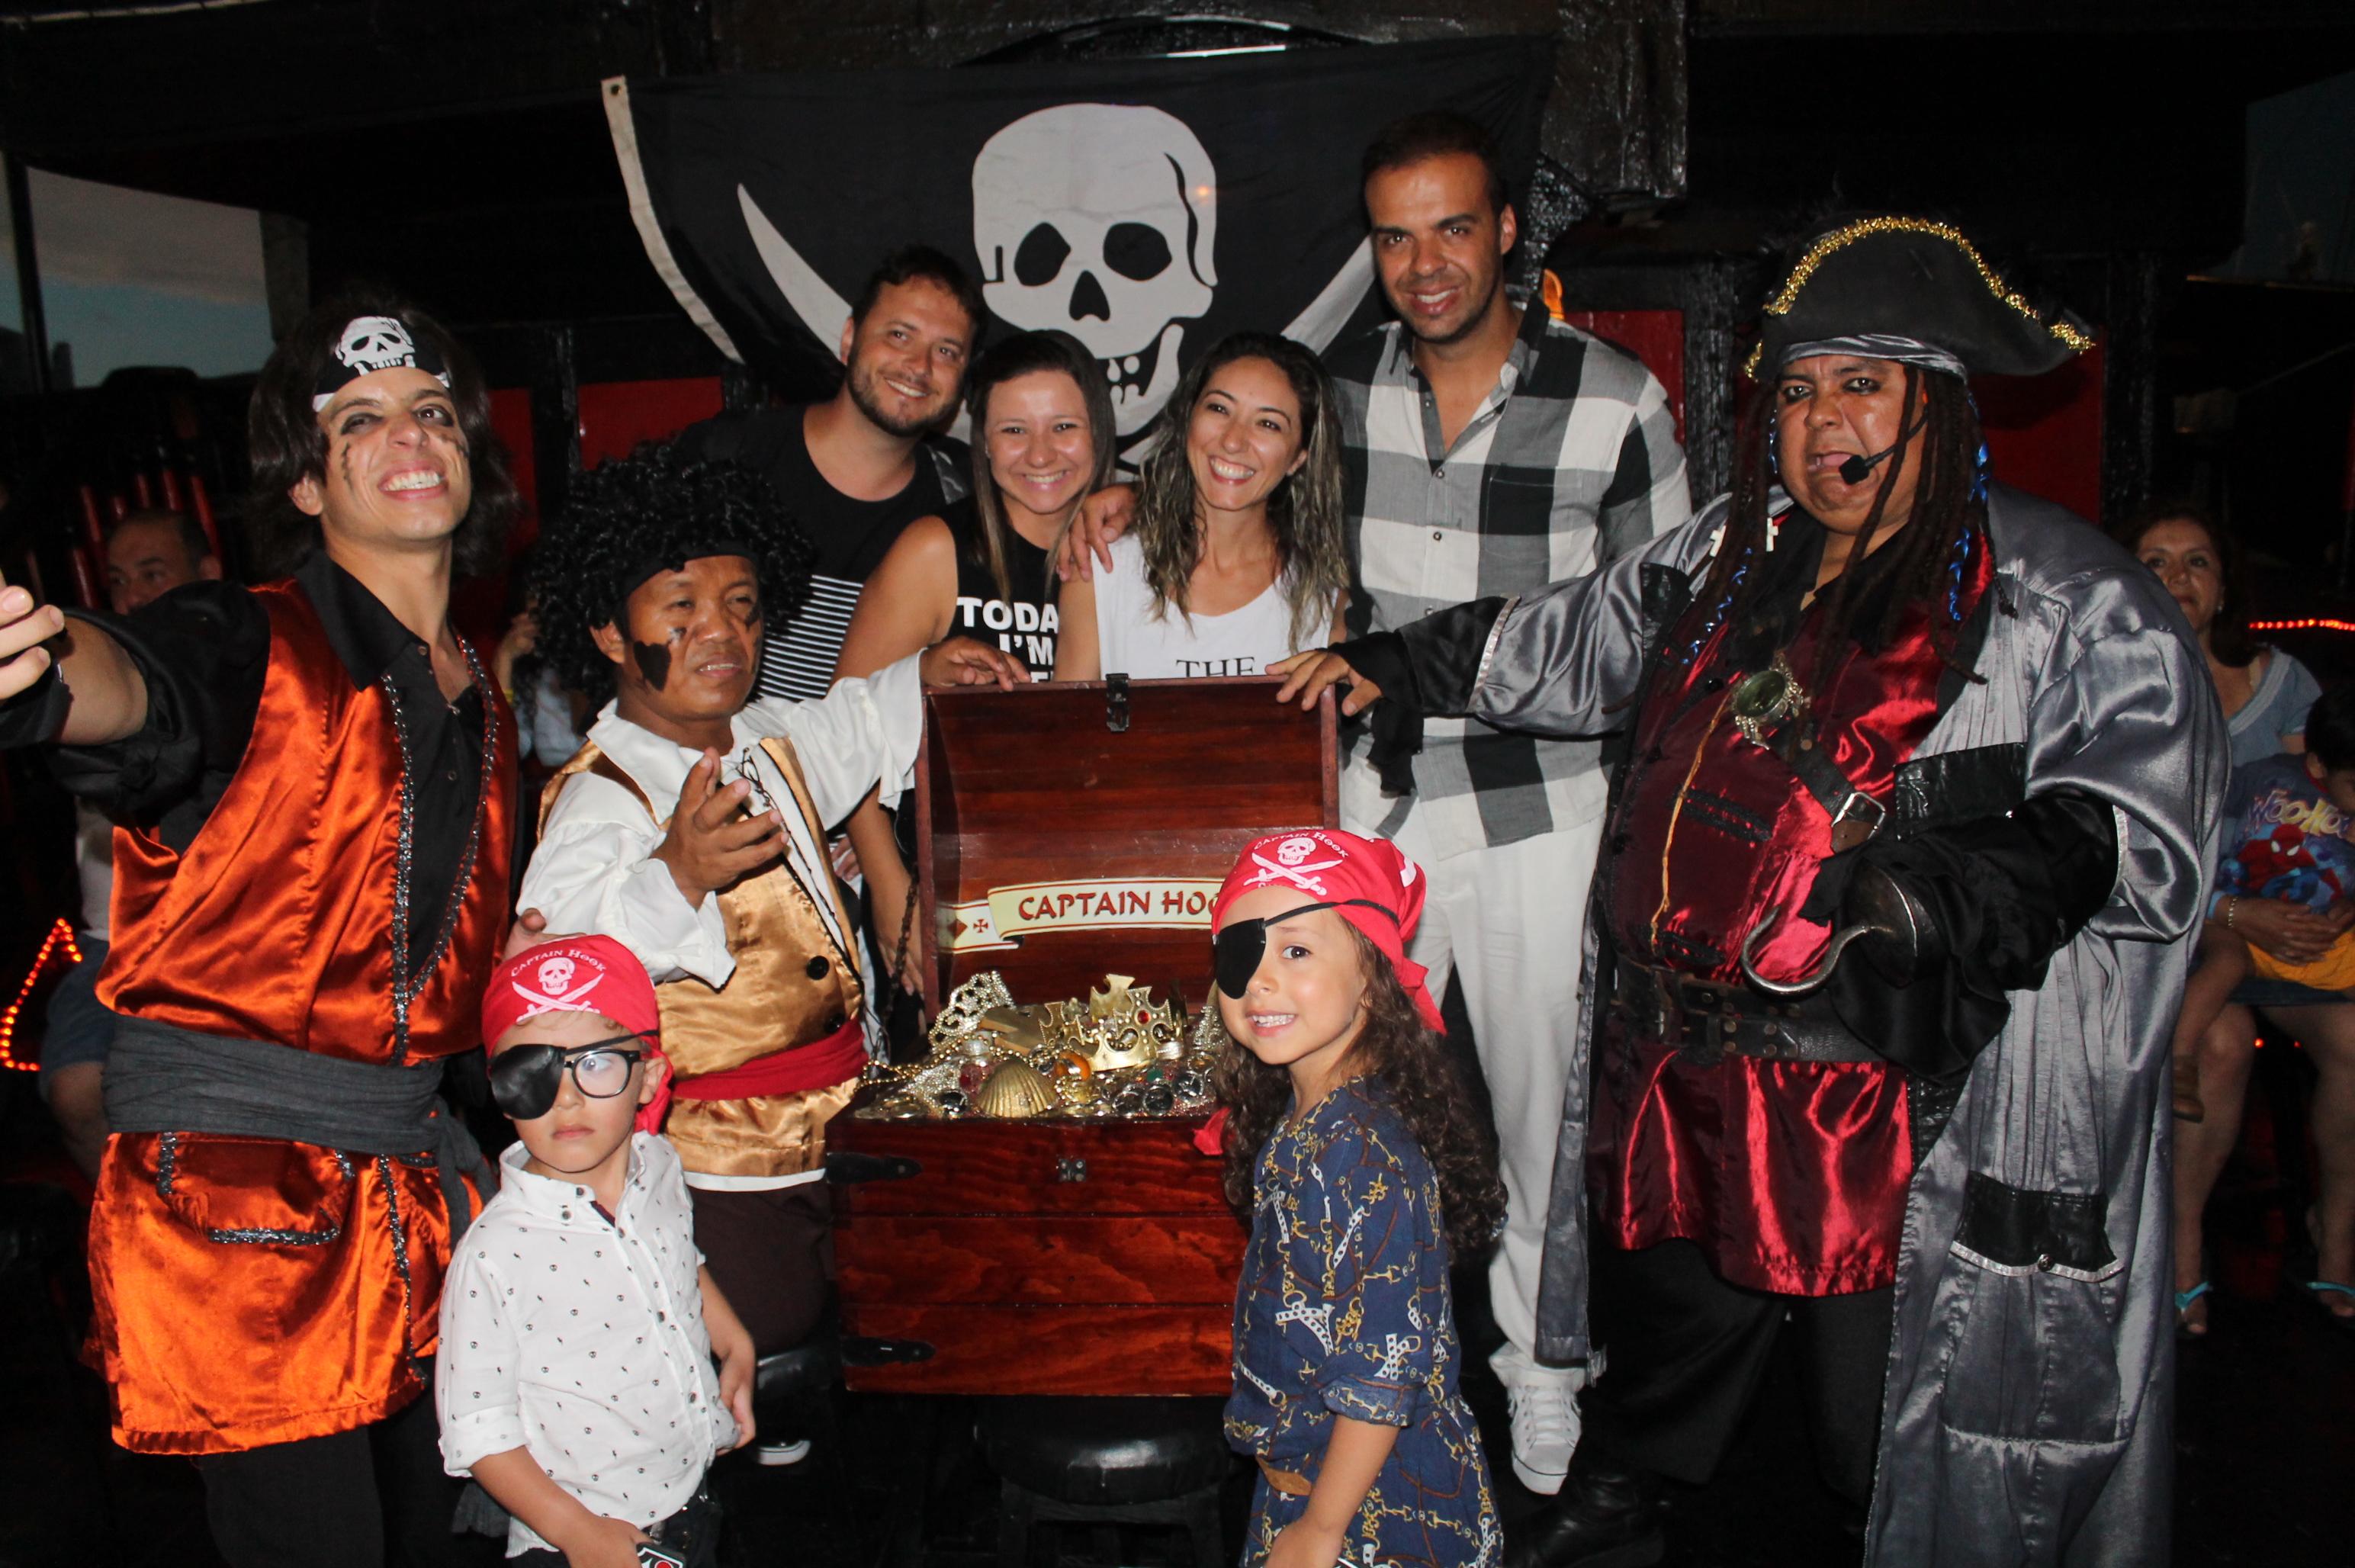 Vive una fiesta pirata con Capitán Hook, ¡uno de los mejores tours en Cancún!